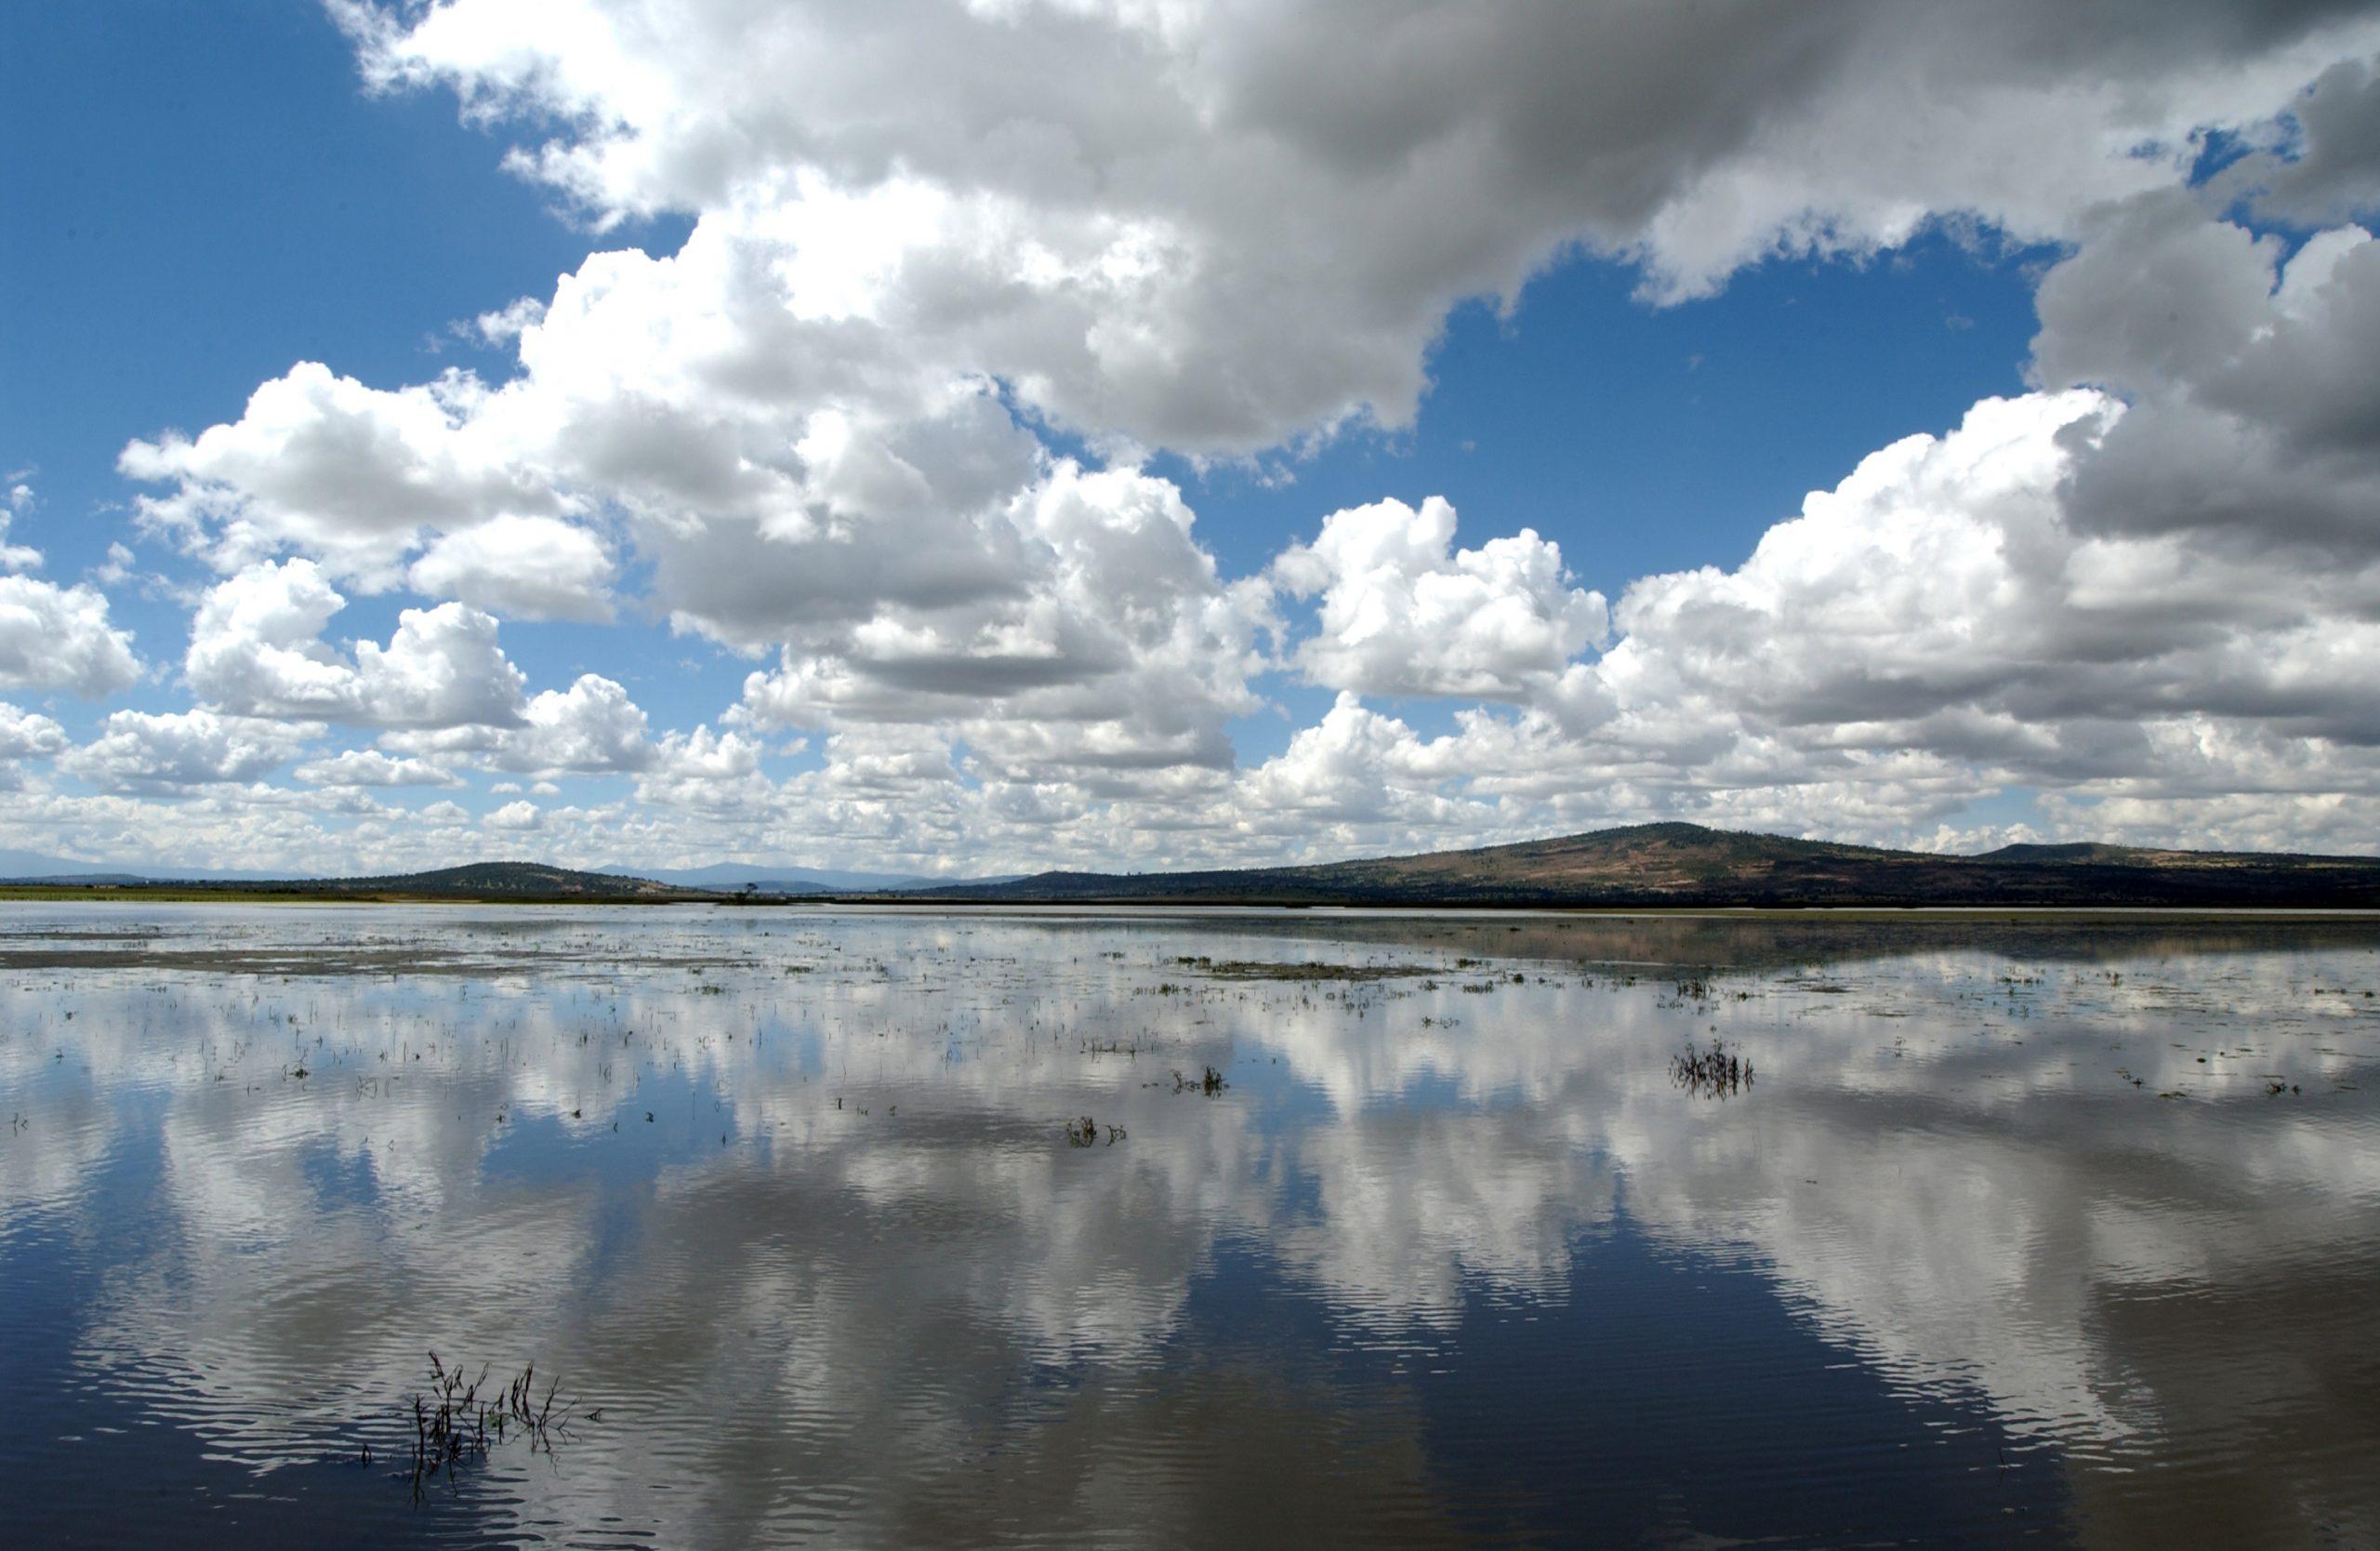 Laguna de Atlangatepec